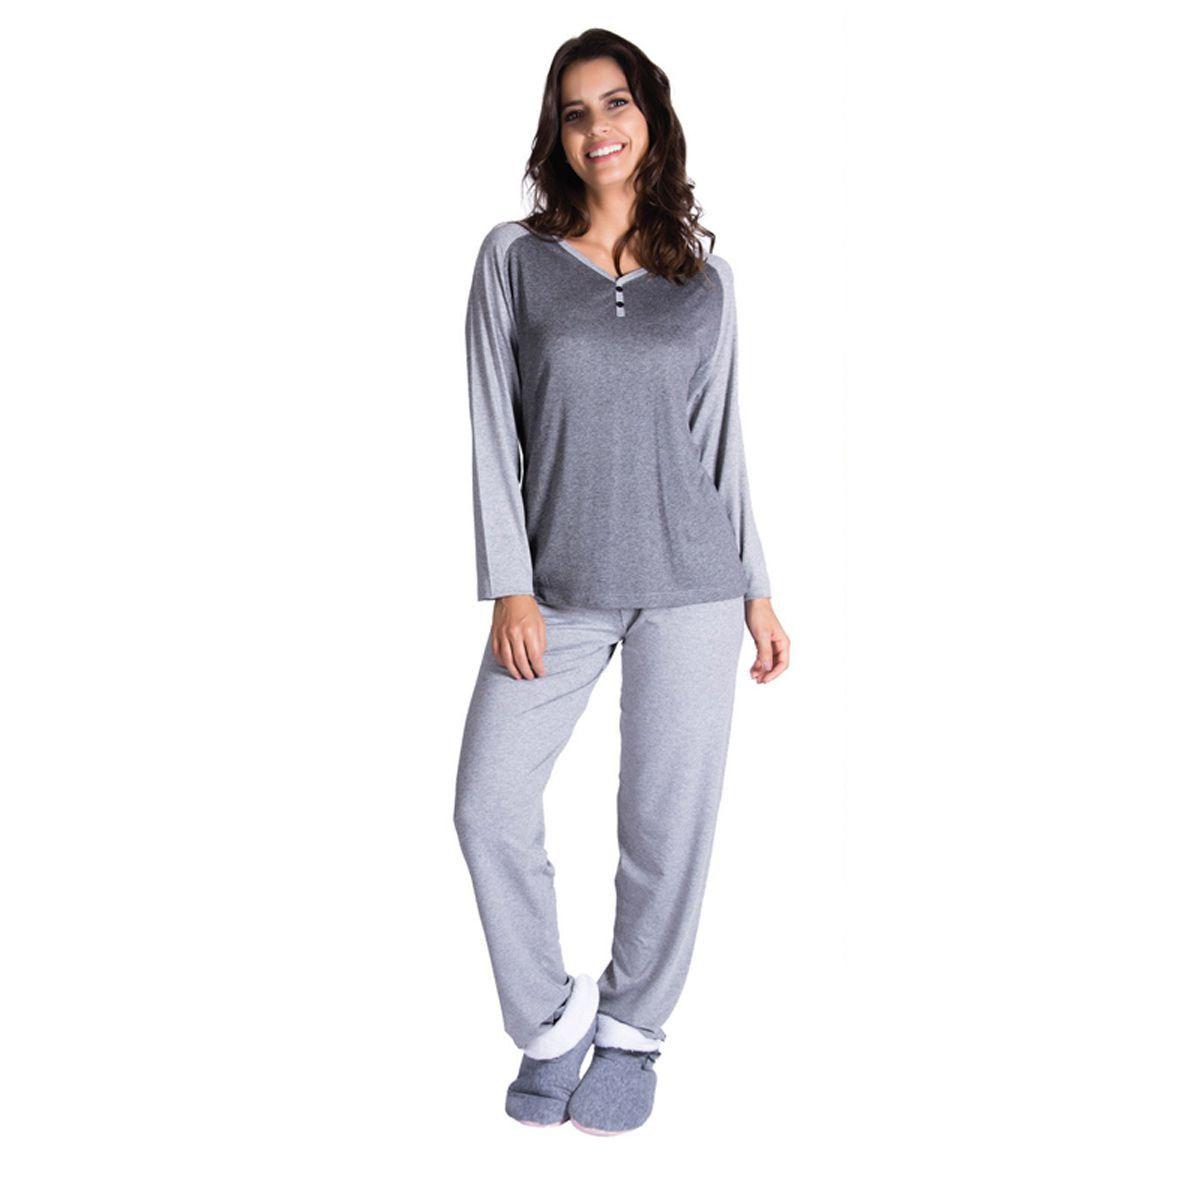 87235cee62bfa4 Pijama feminino de inverno com botões em viscolycra Victory